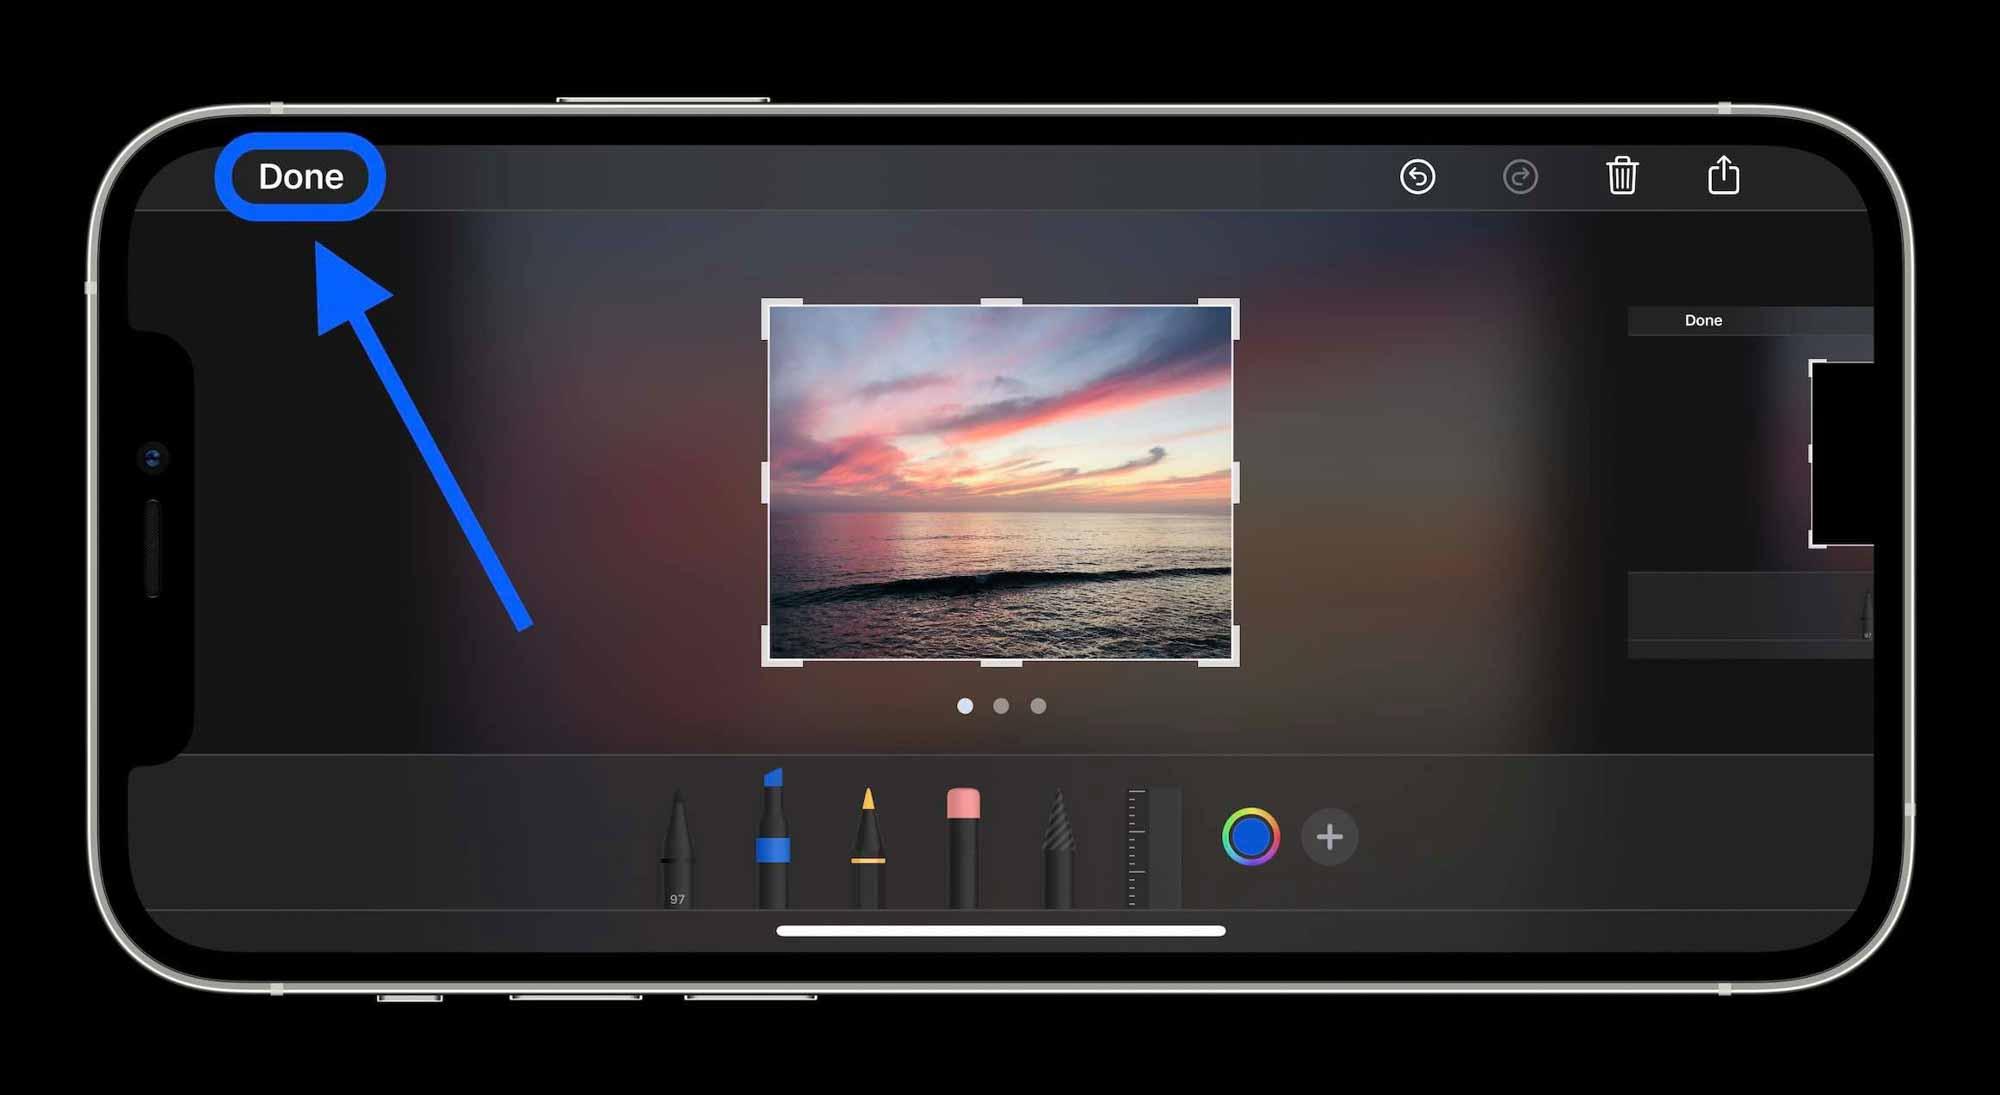 Как удалить черные полосы на фотографиях iPhone, пошаговое руководство 2